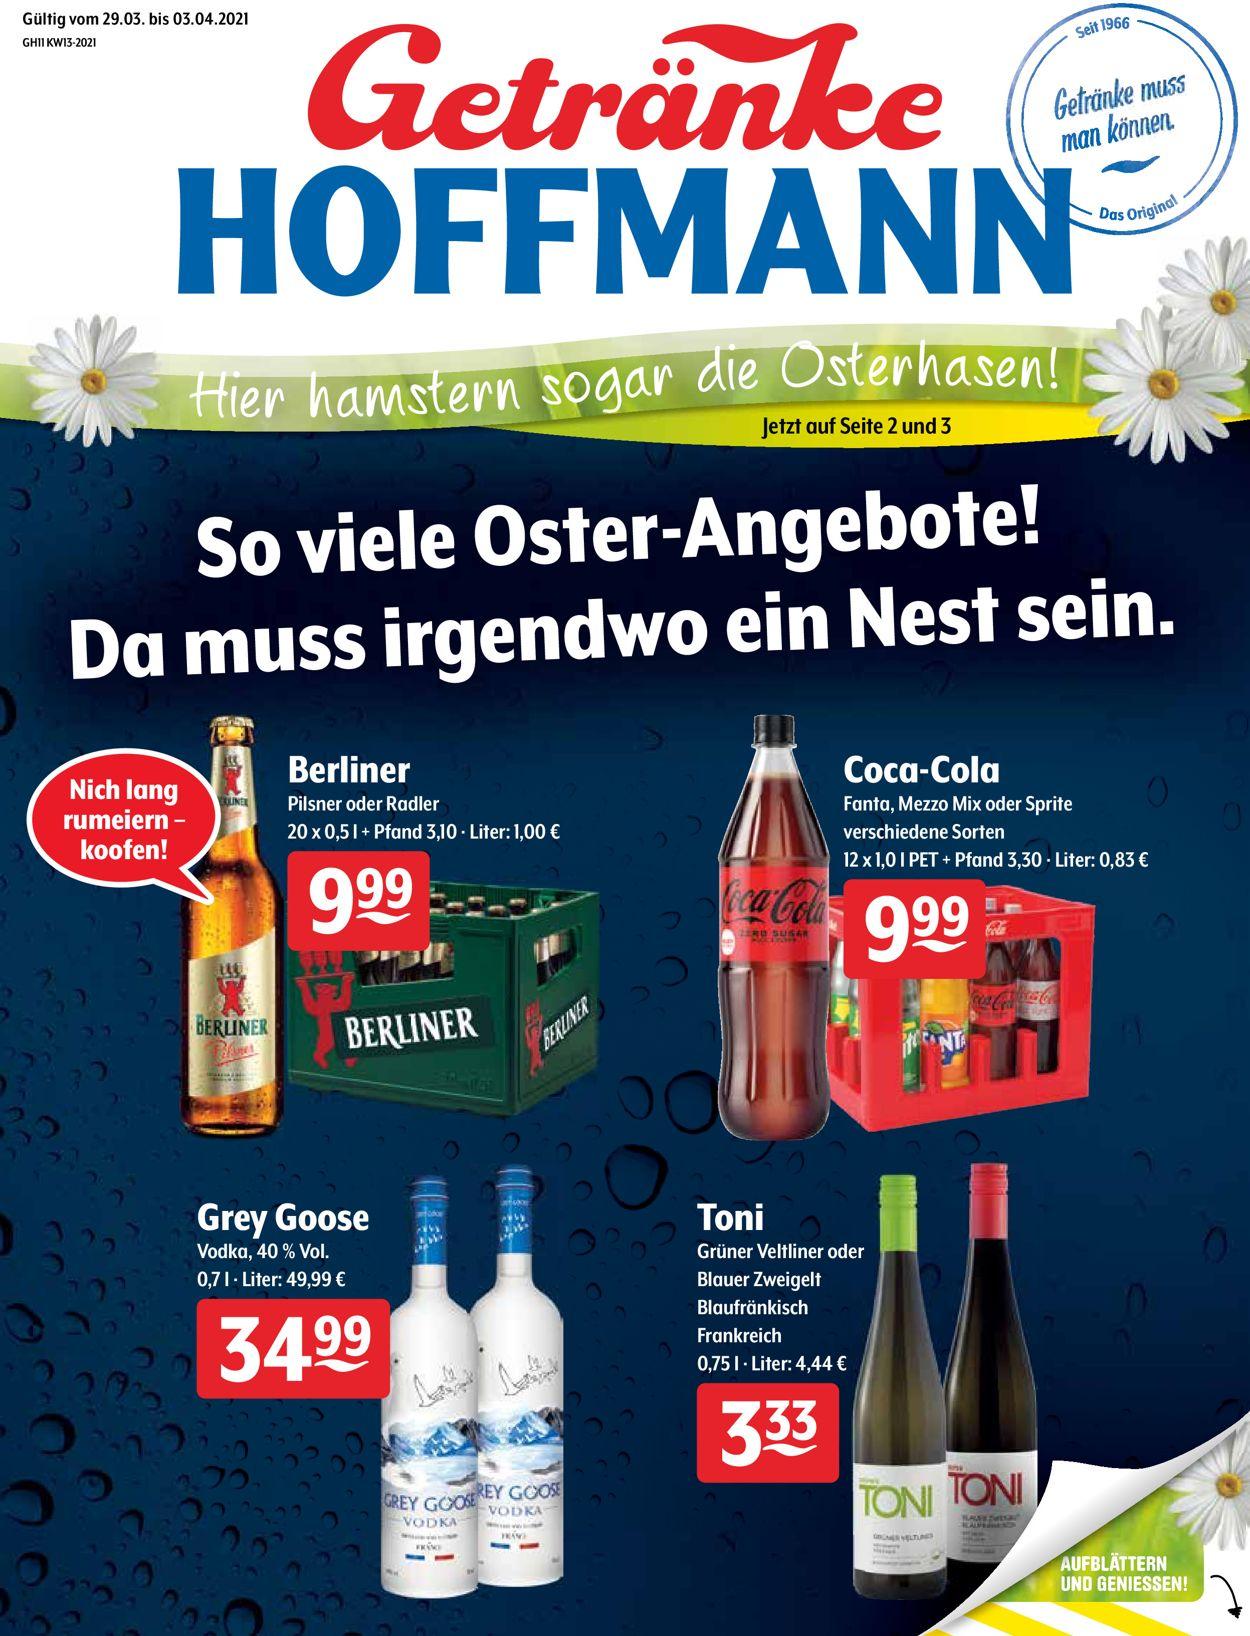 Getränke Hoffmann Ostern 2021 Prospekt - Aktuell vom 29.03-03.04.2021